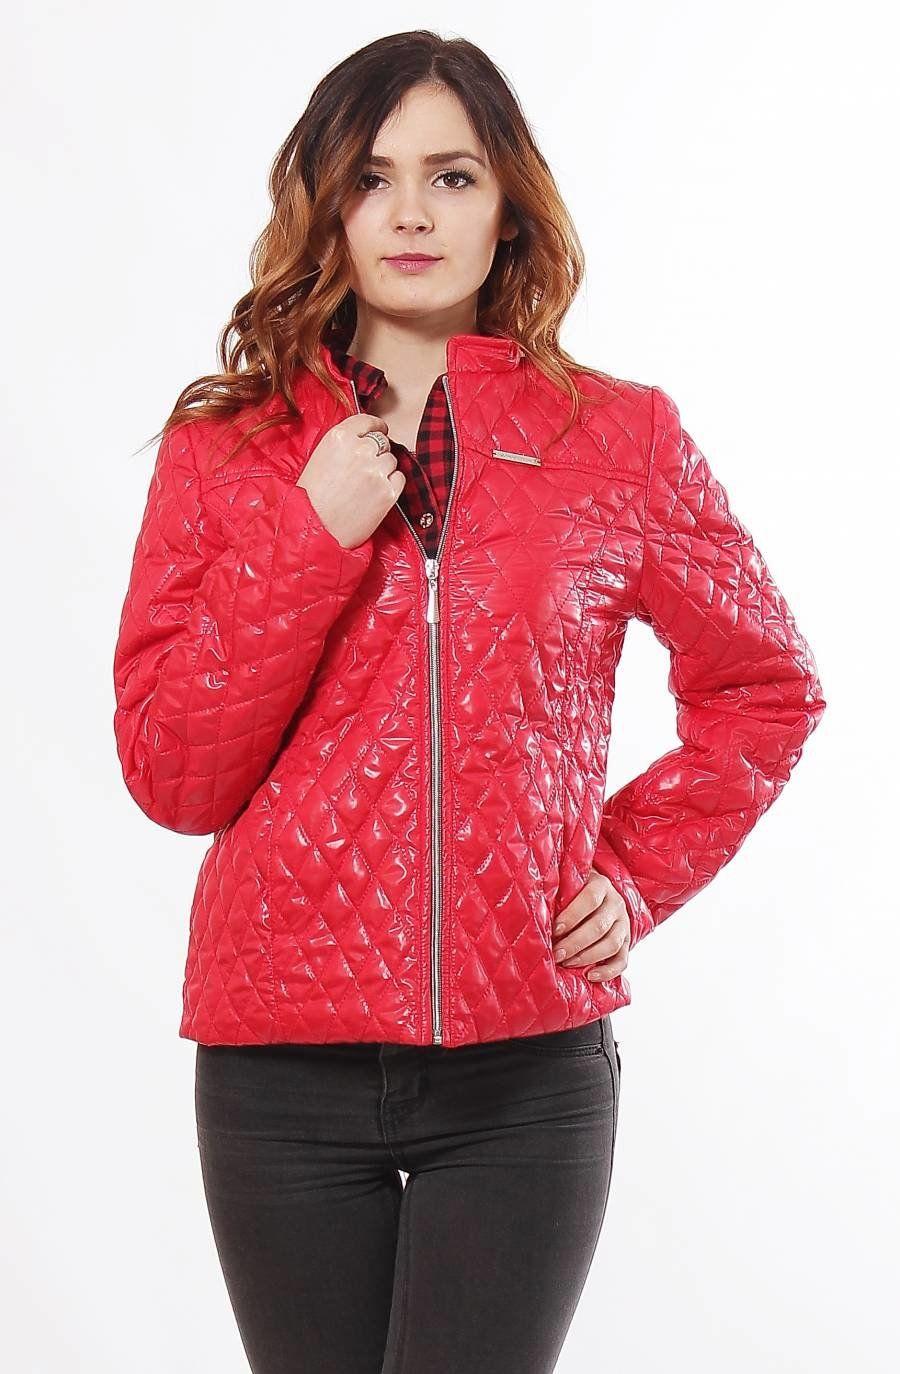 Жіноча червона куртка 1-Р - купити недорого — Donna Bella - MF-1Р-4-44 6826d5e9f9c21